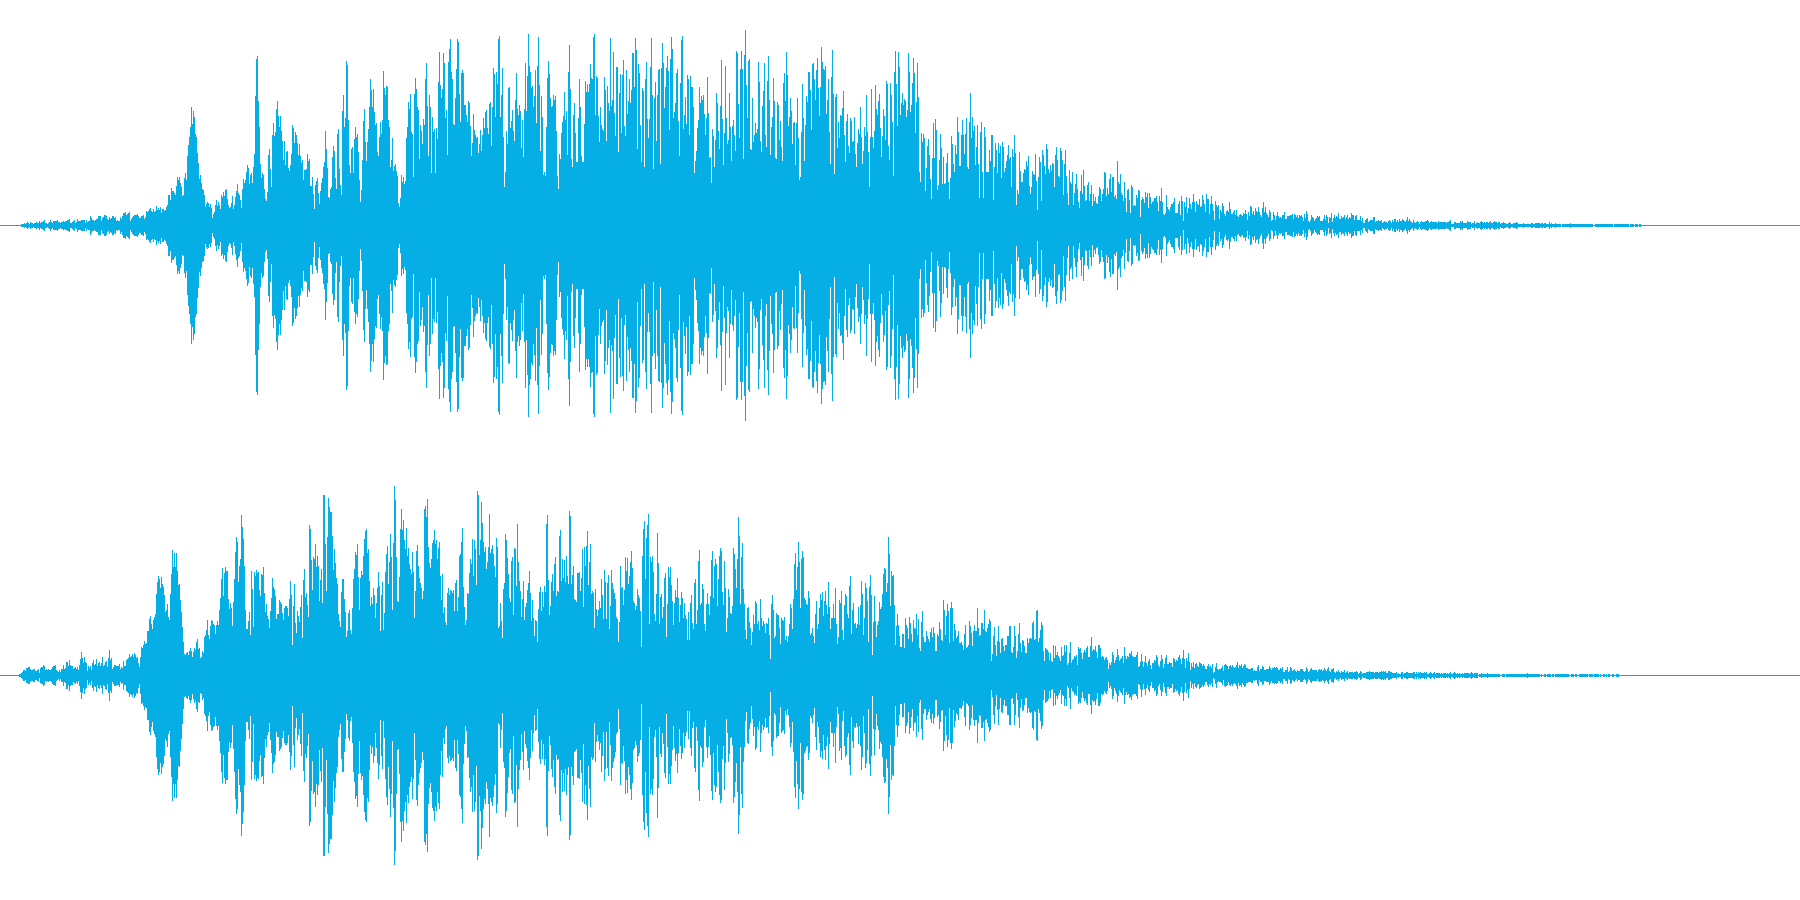 ロケット通過(ヒューウーンという効果音)の再生済みの波形